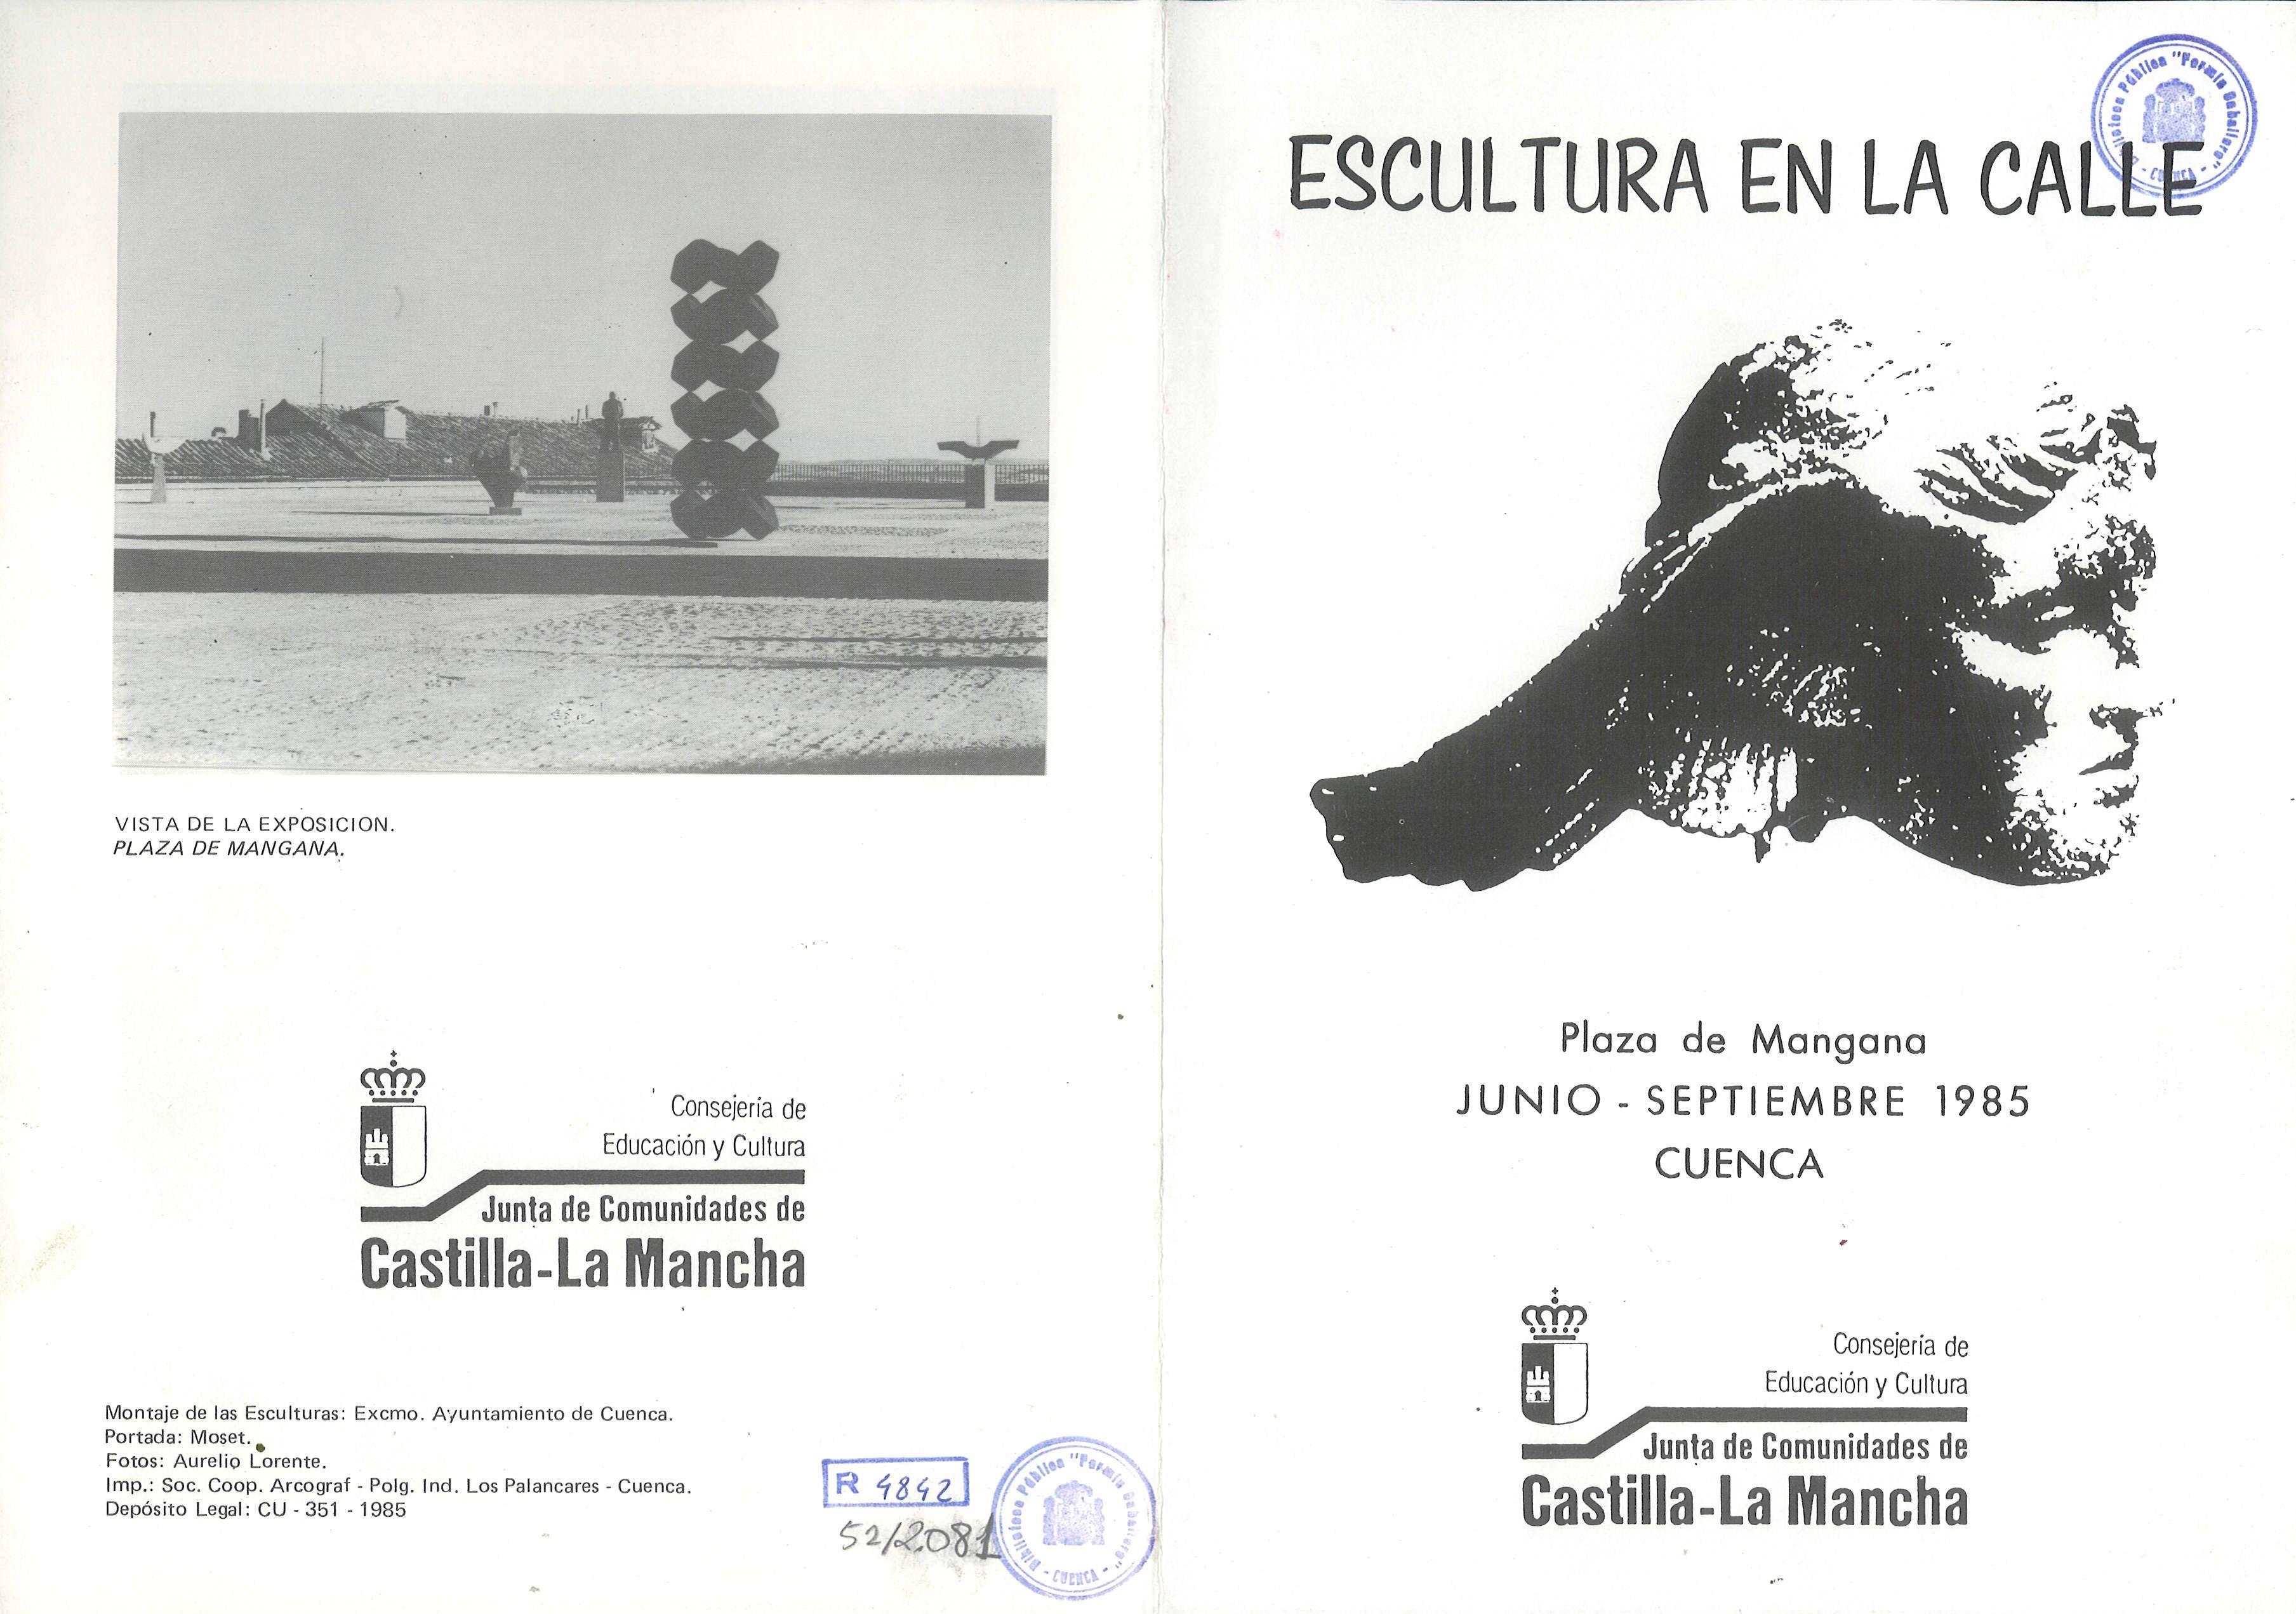 """""""Escultura en la calle"""" Exposición de esculturas en la Plaza de Mangana Cuenca Junio/Septiembre 1985 #Cuenca"""